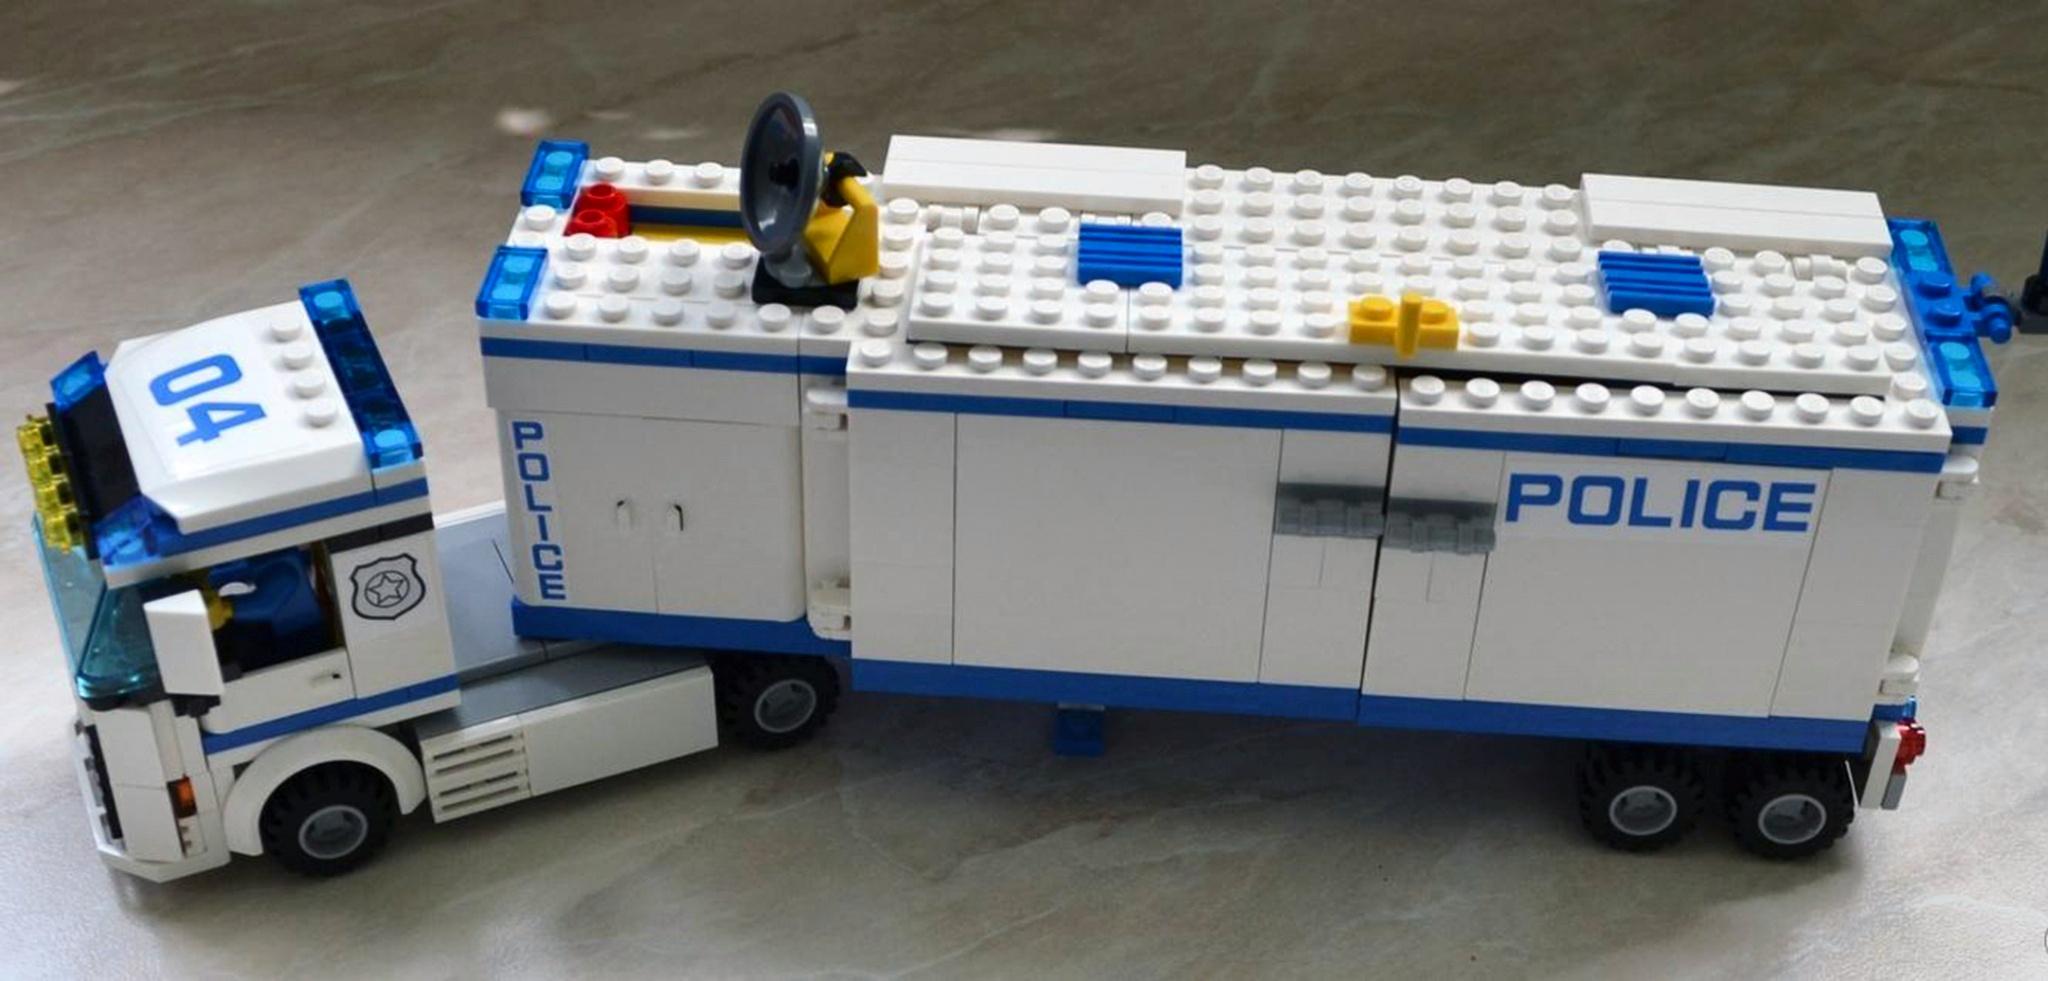 лего полицейская машина 60044 инструкция